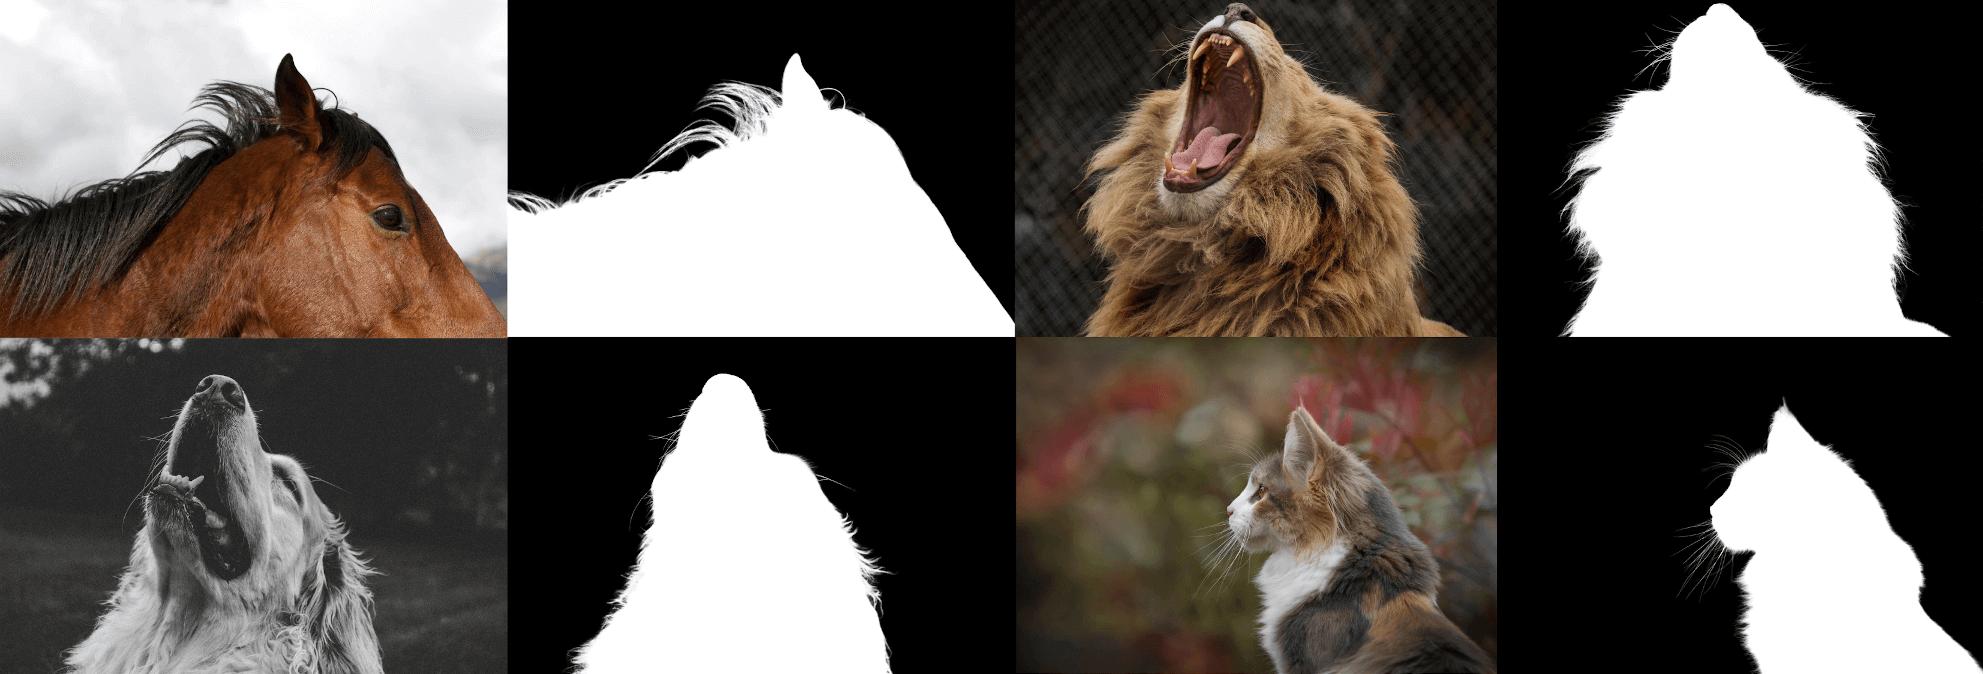 神奇的 Animal Matting 算法,毛发抠图不是事。